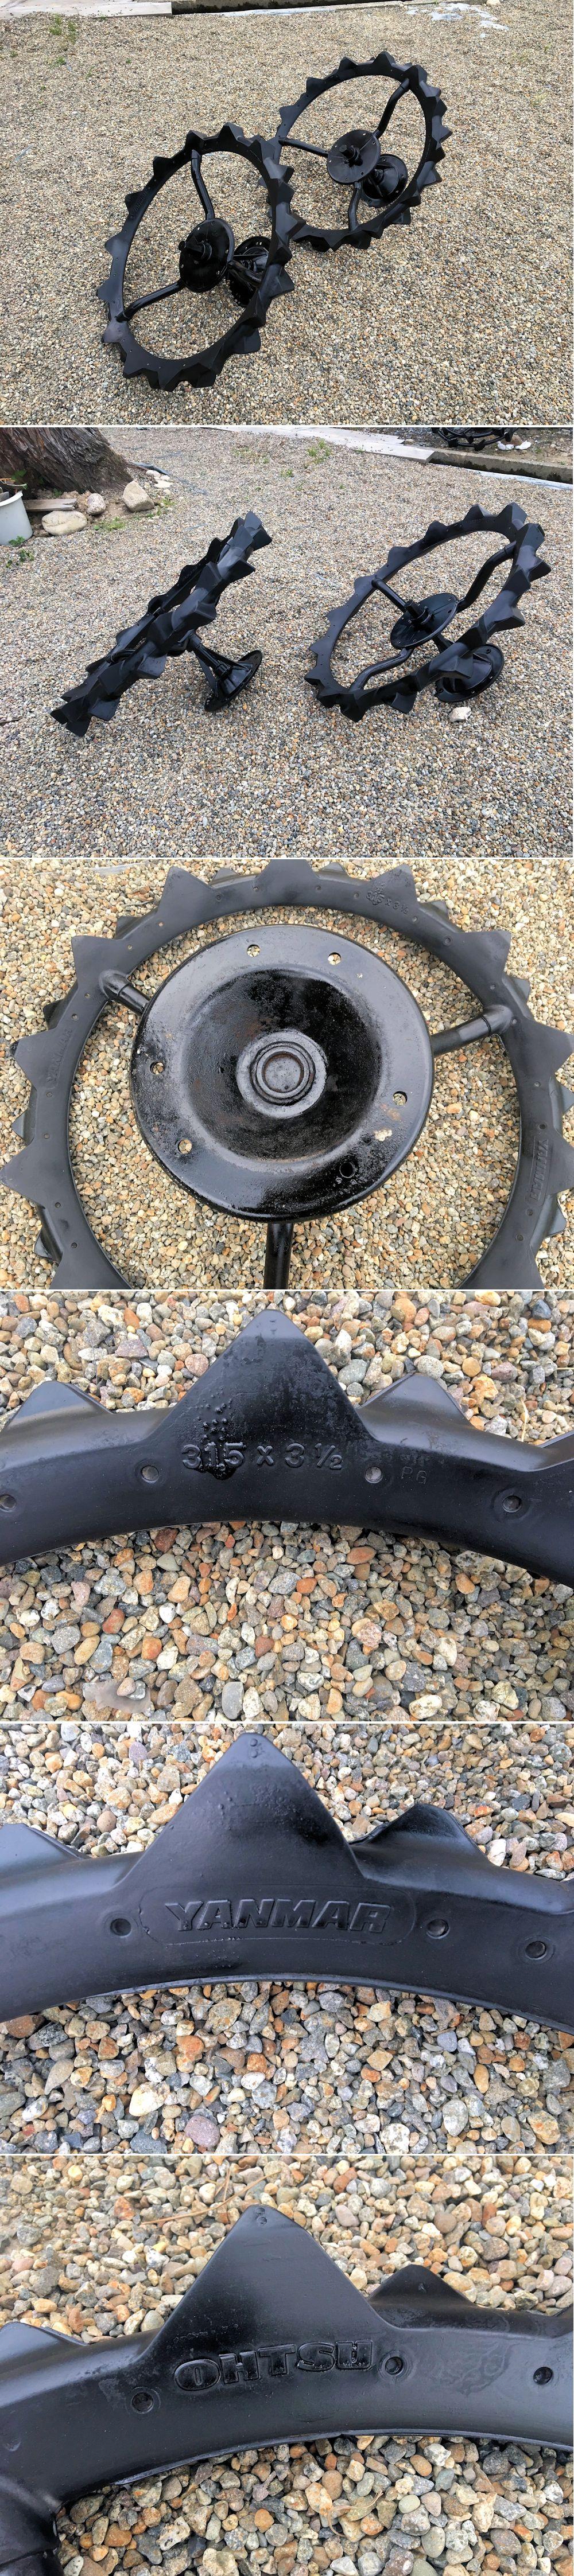 ヤンマー田植機 後輪補助車輪 31.5×3 1/2 直径80cm 軸径31装着 外付けパーツ付 マルチ6穴 美品中古